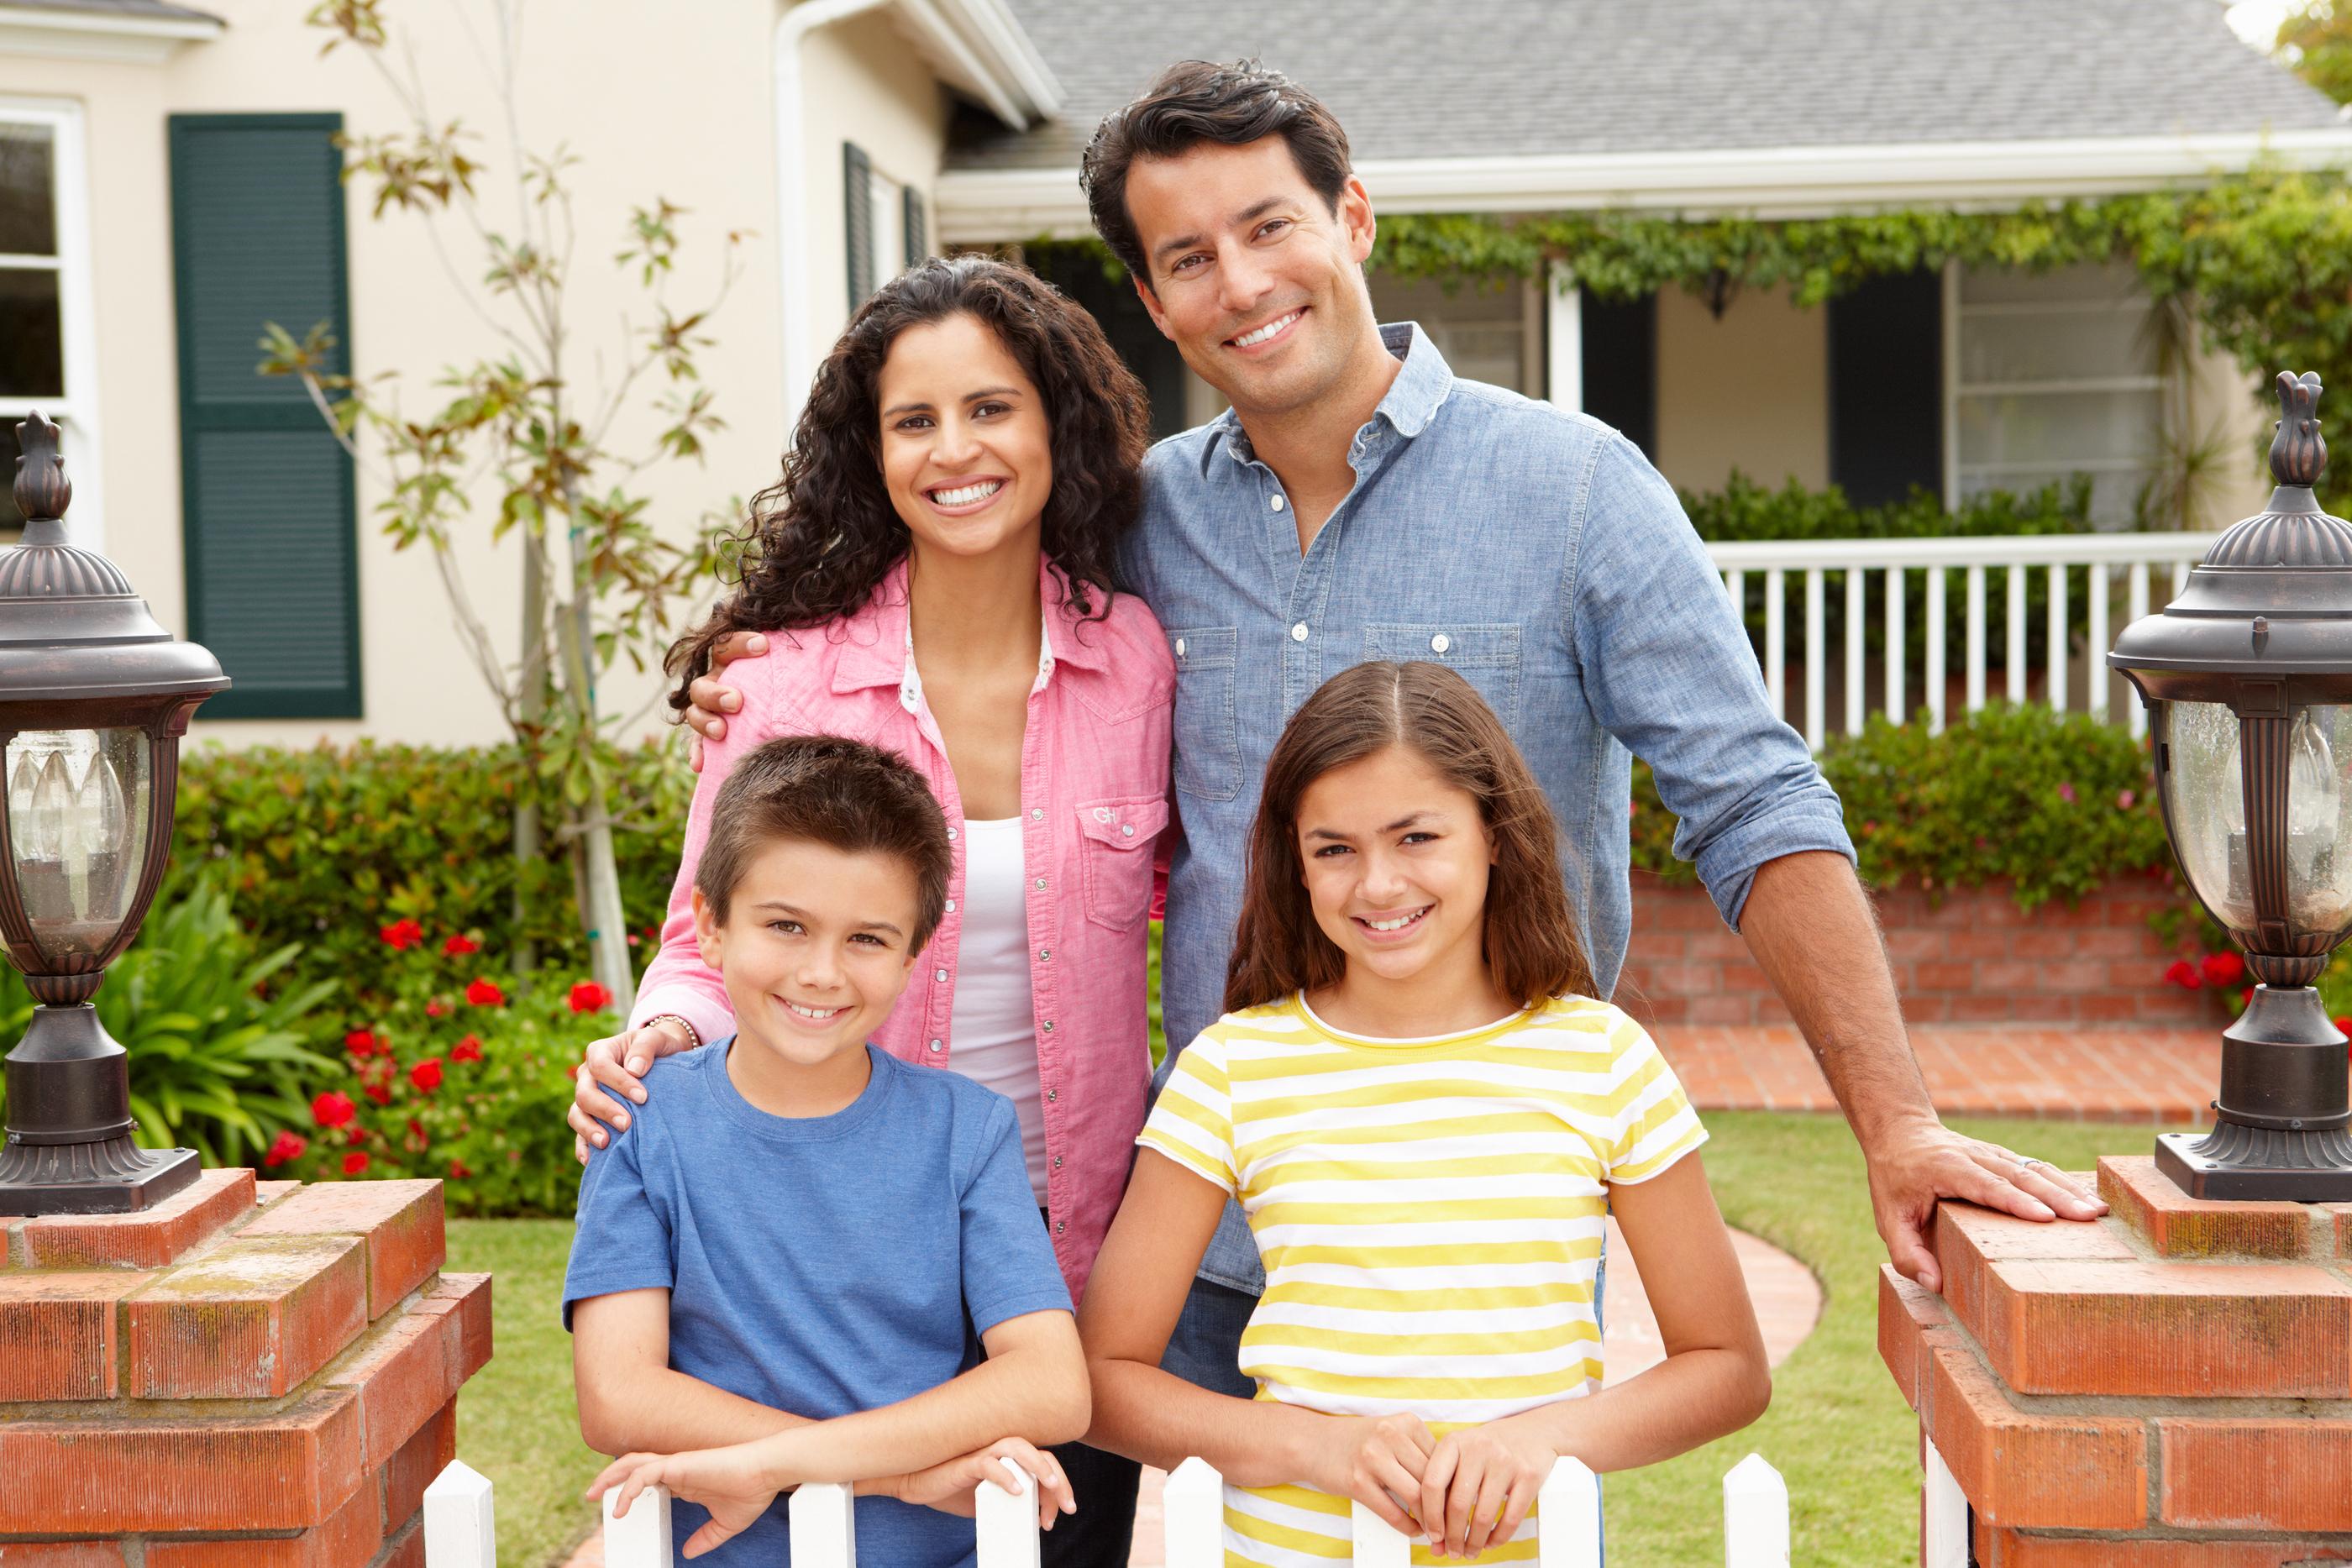 Hispanic family outside home